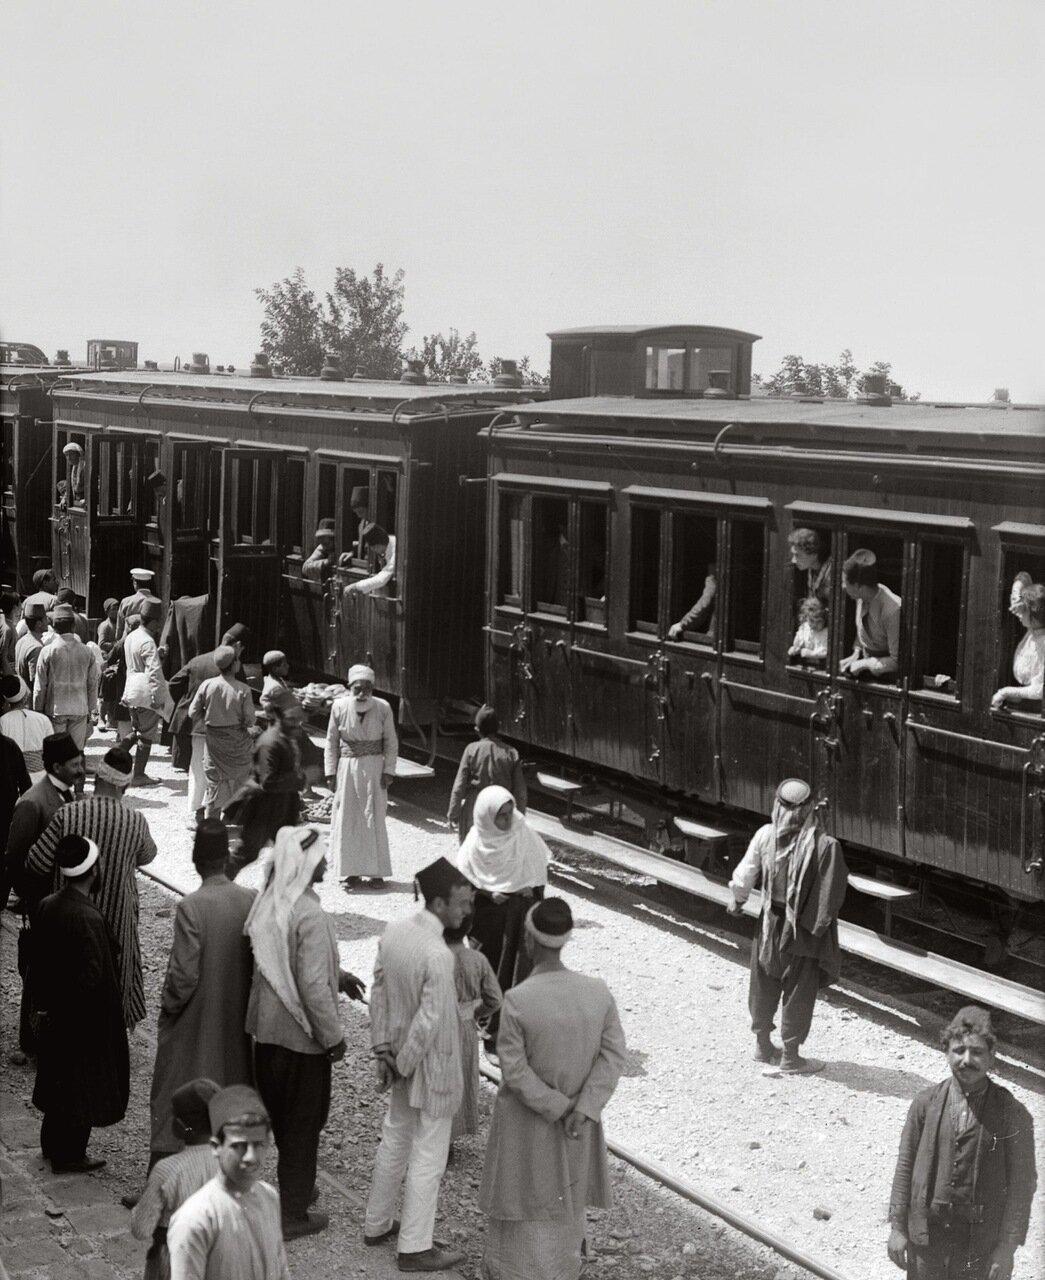 Станция Хомс хиджазской железной дороги. Хомс, Сирия. 1900-1920 гг.